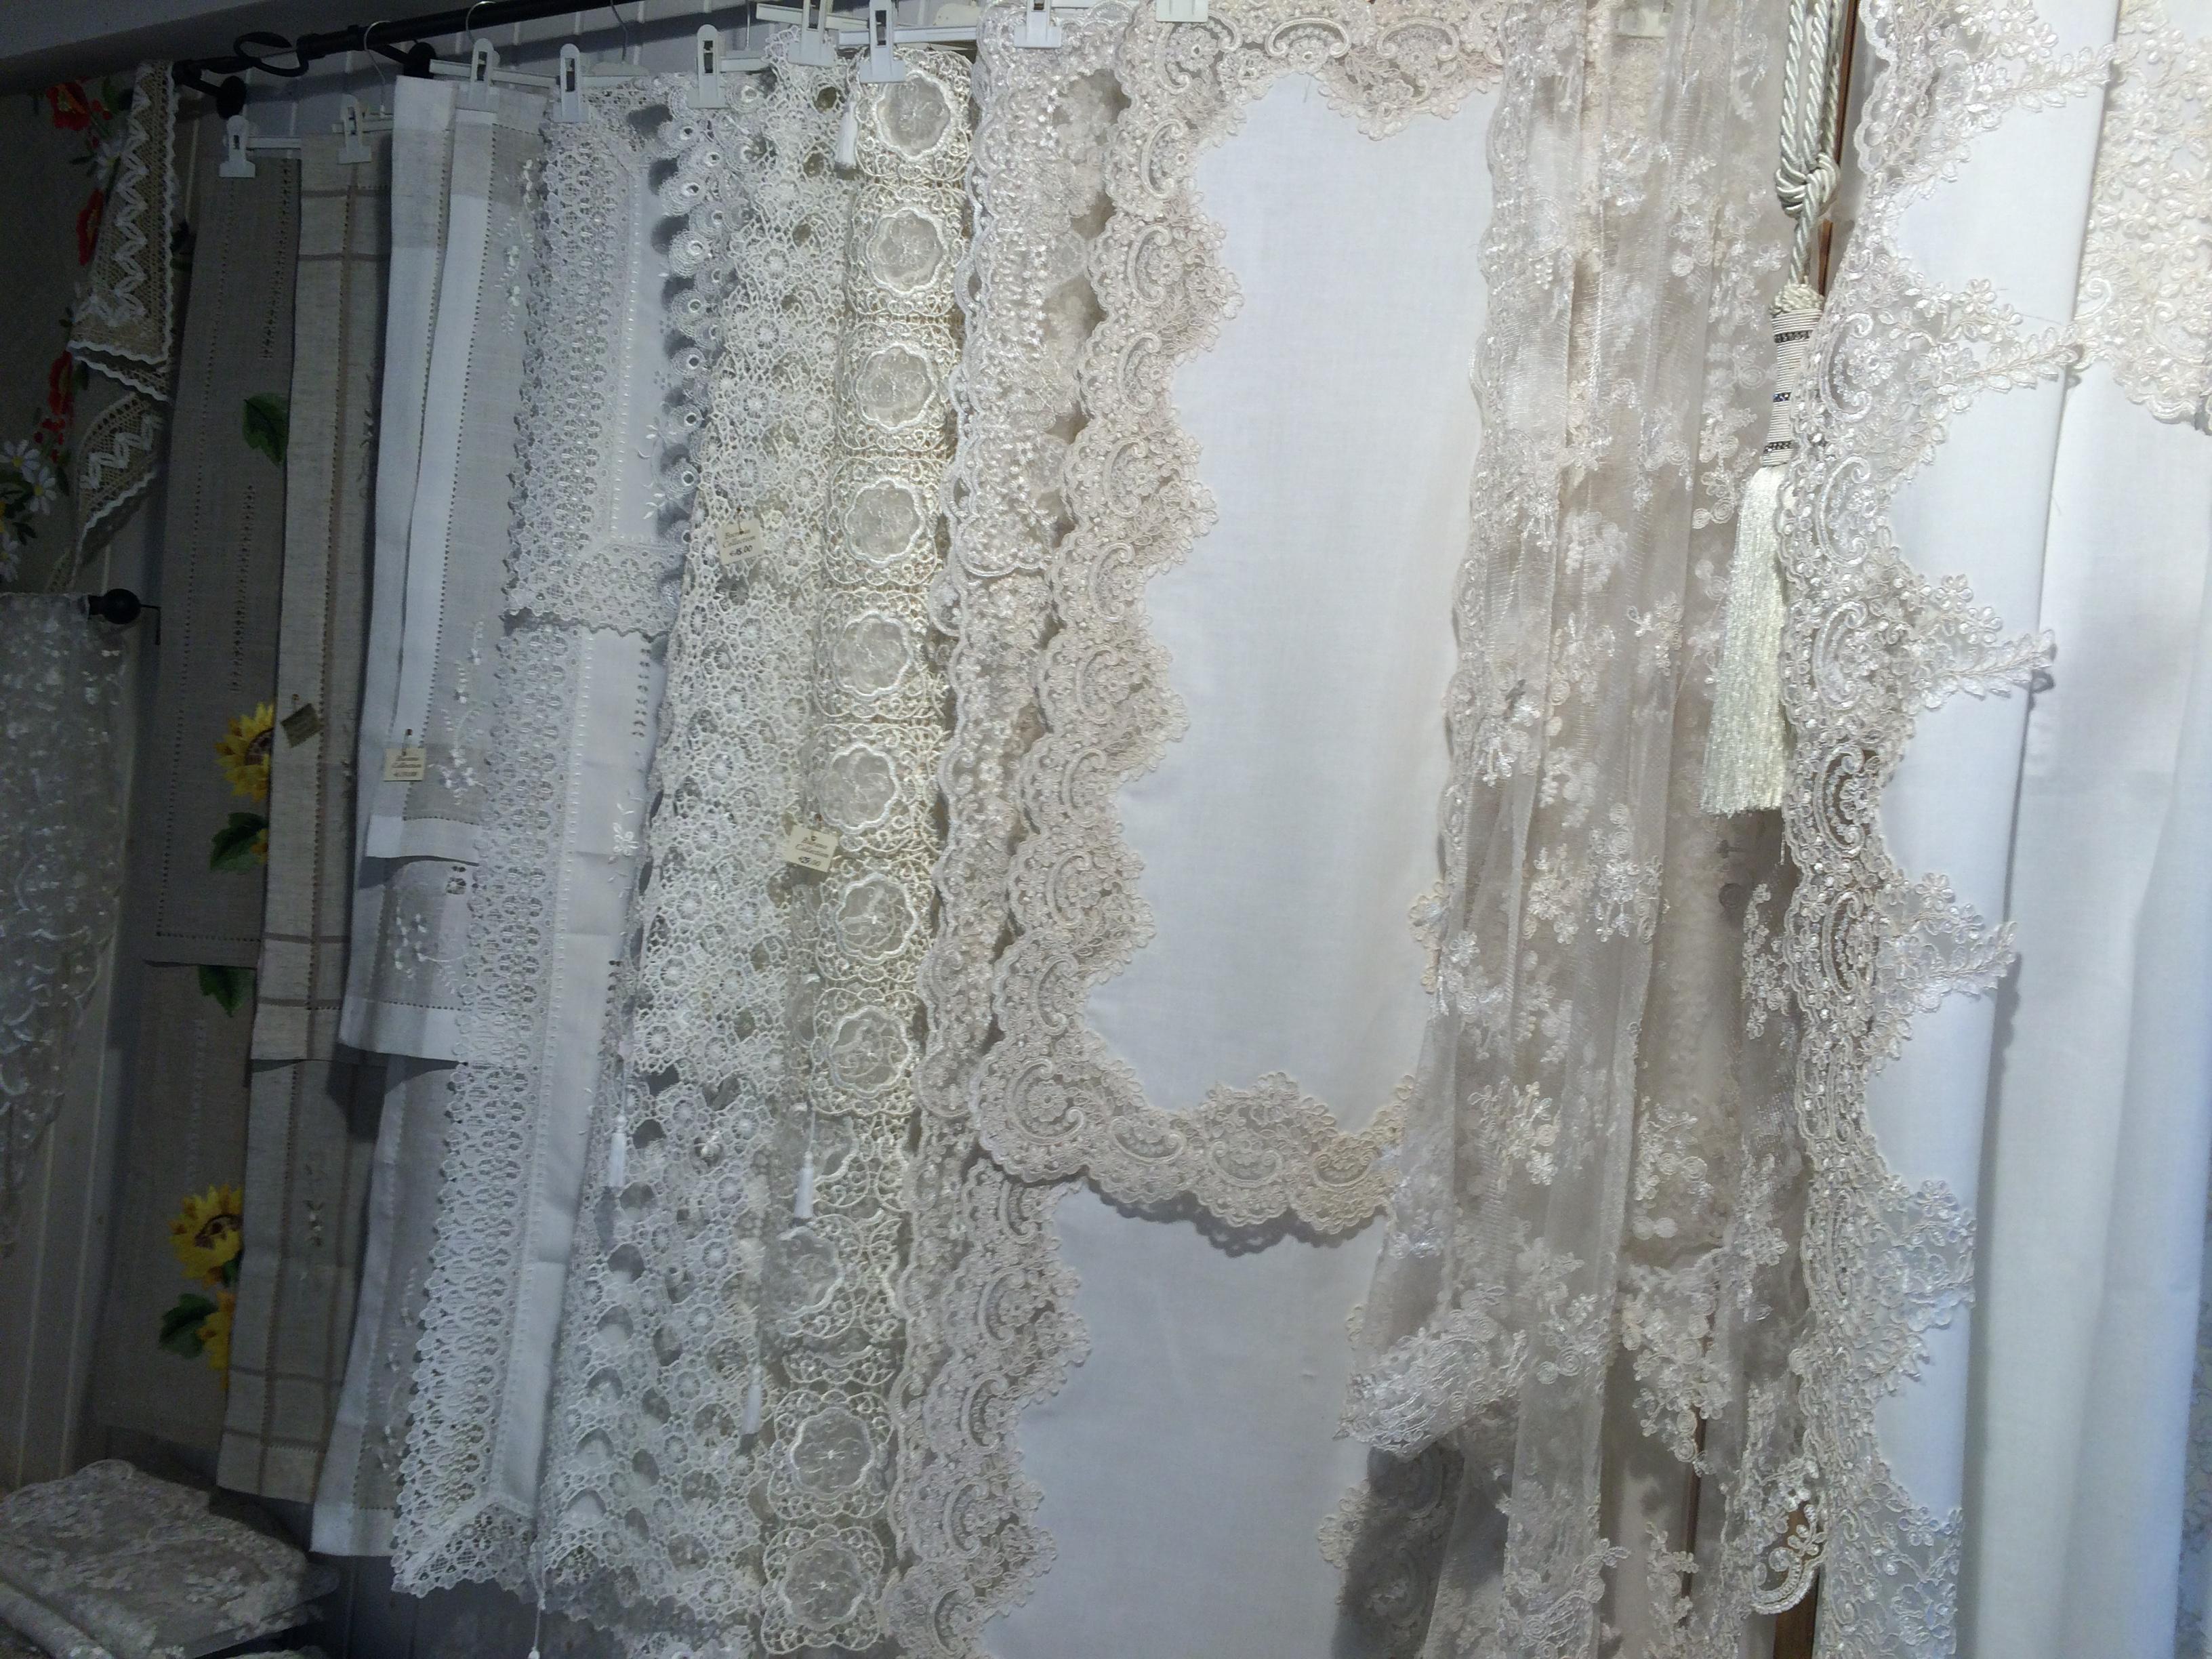 venice-burano-lace-making